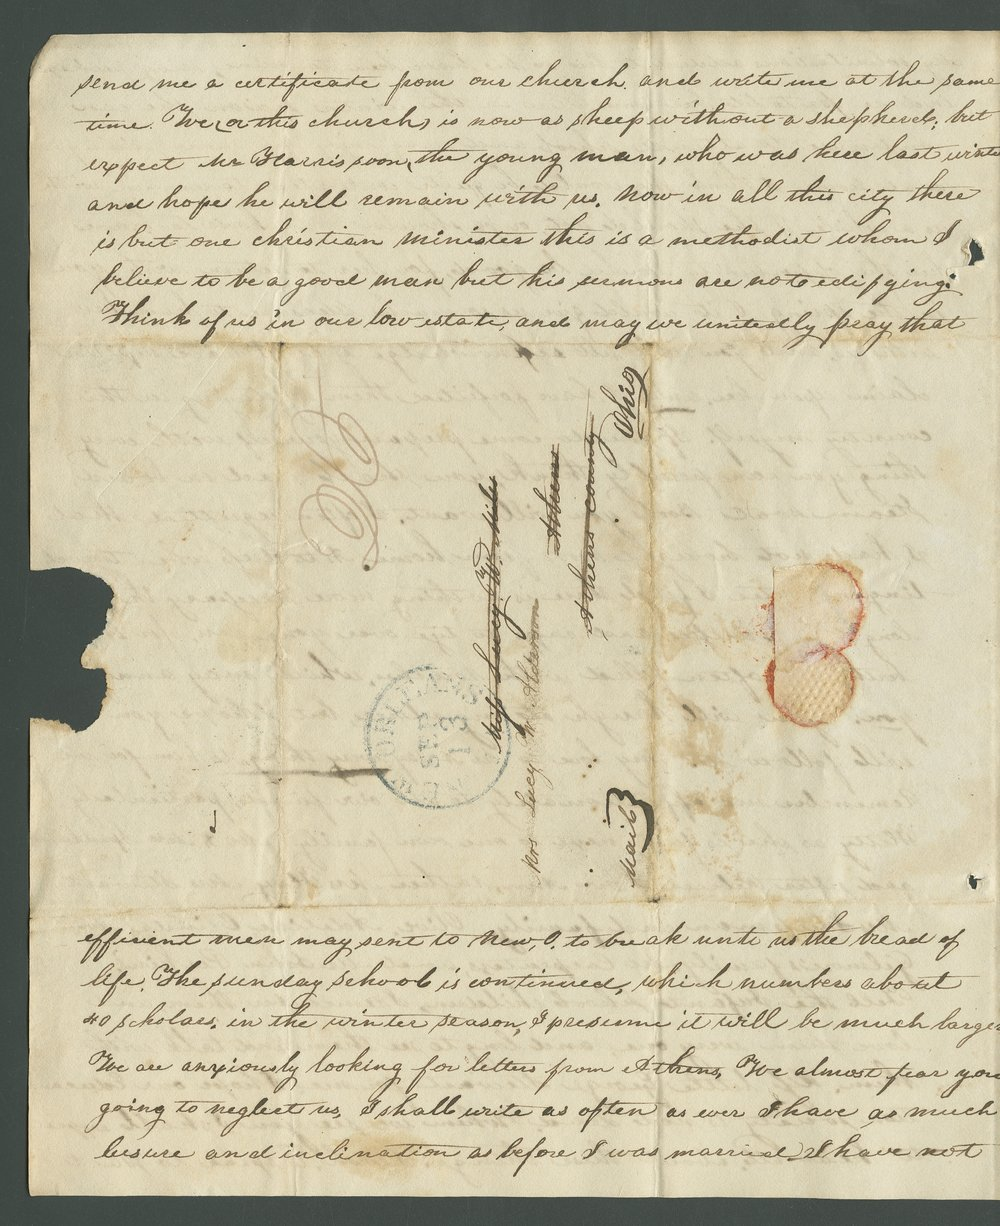 Catherine B. Dart to Lewis Allen Alderson - 4